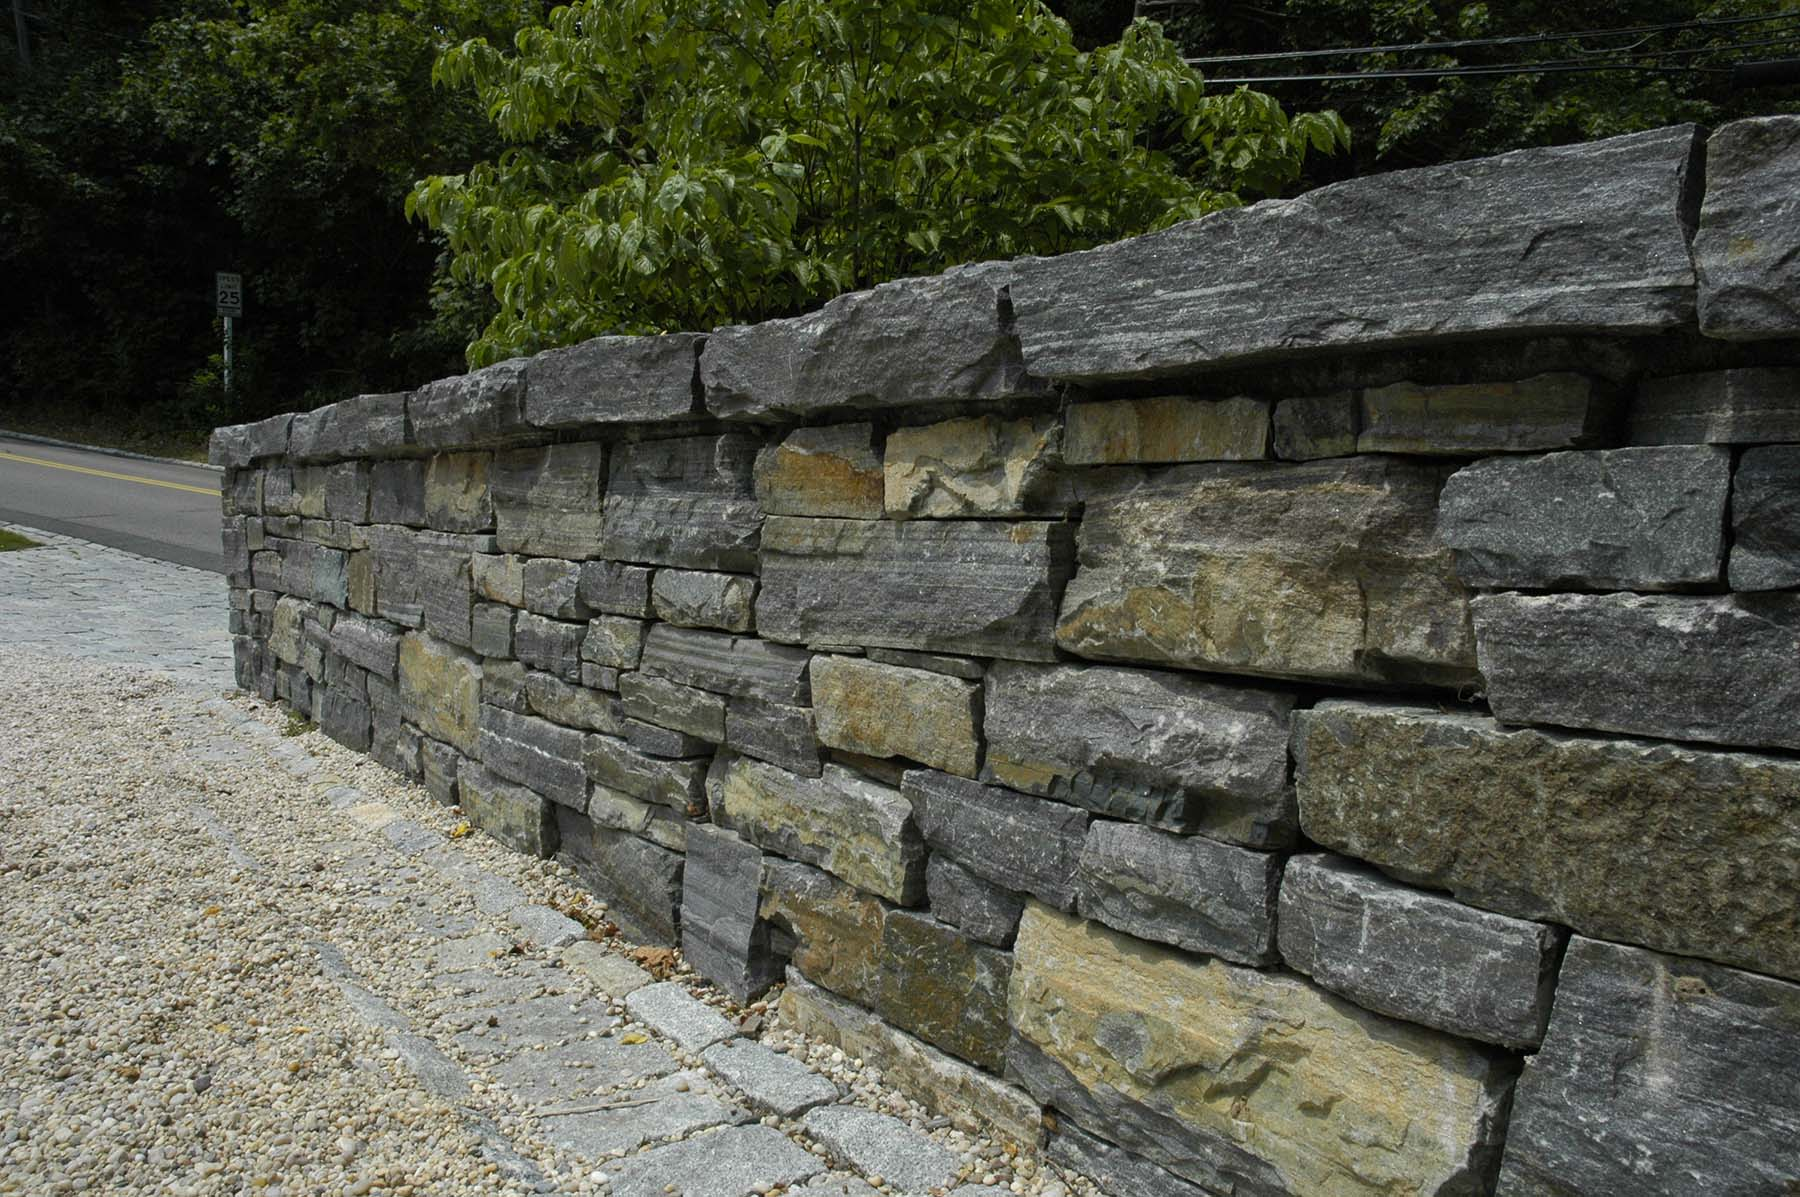 natural Adirondack stone wall by road